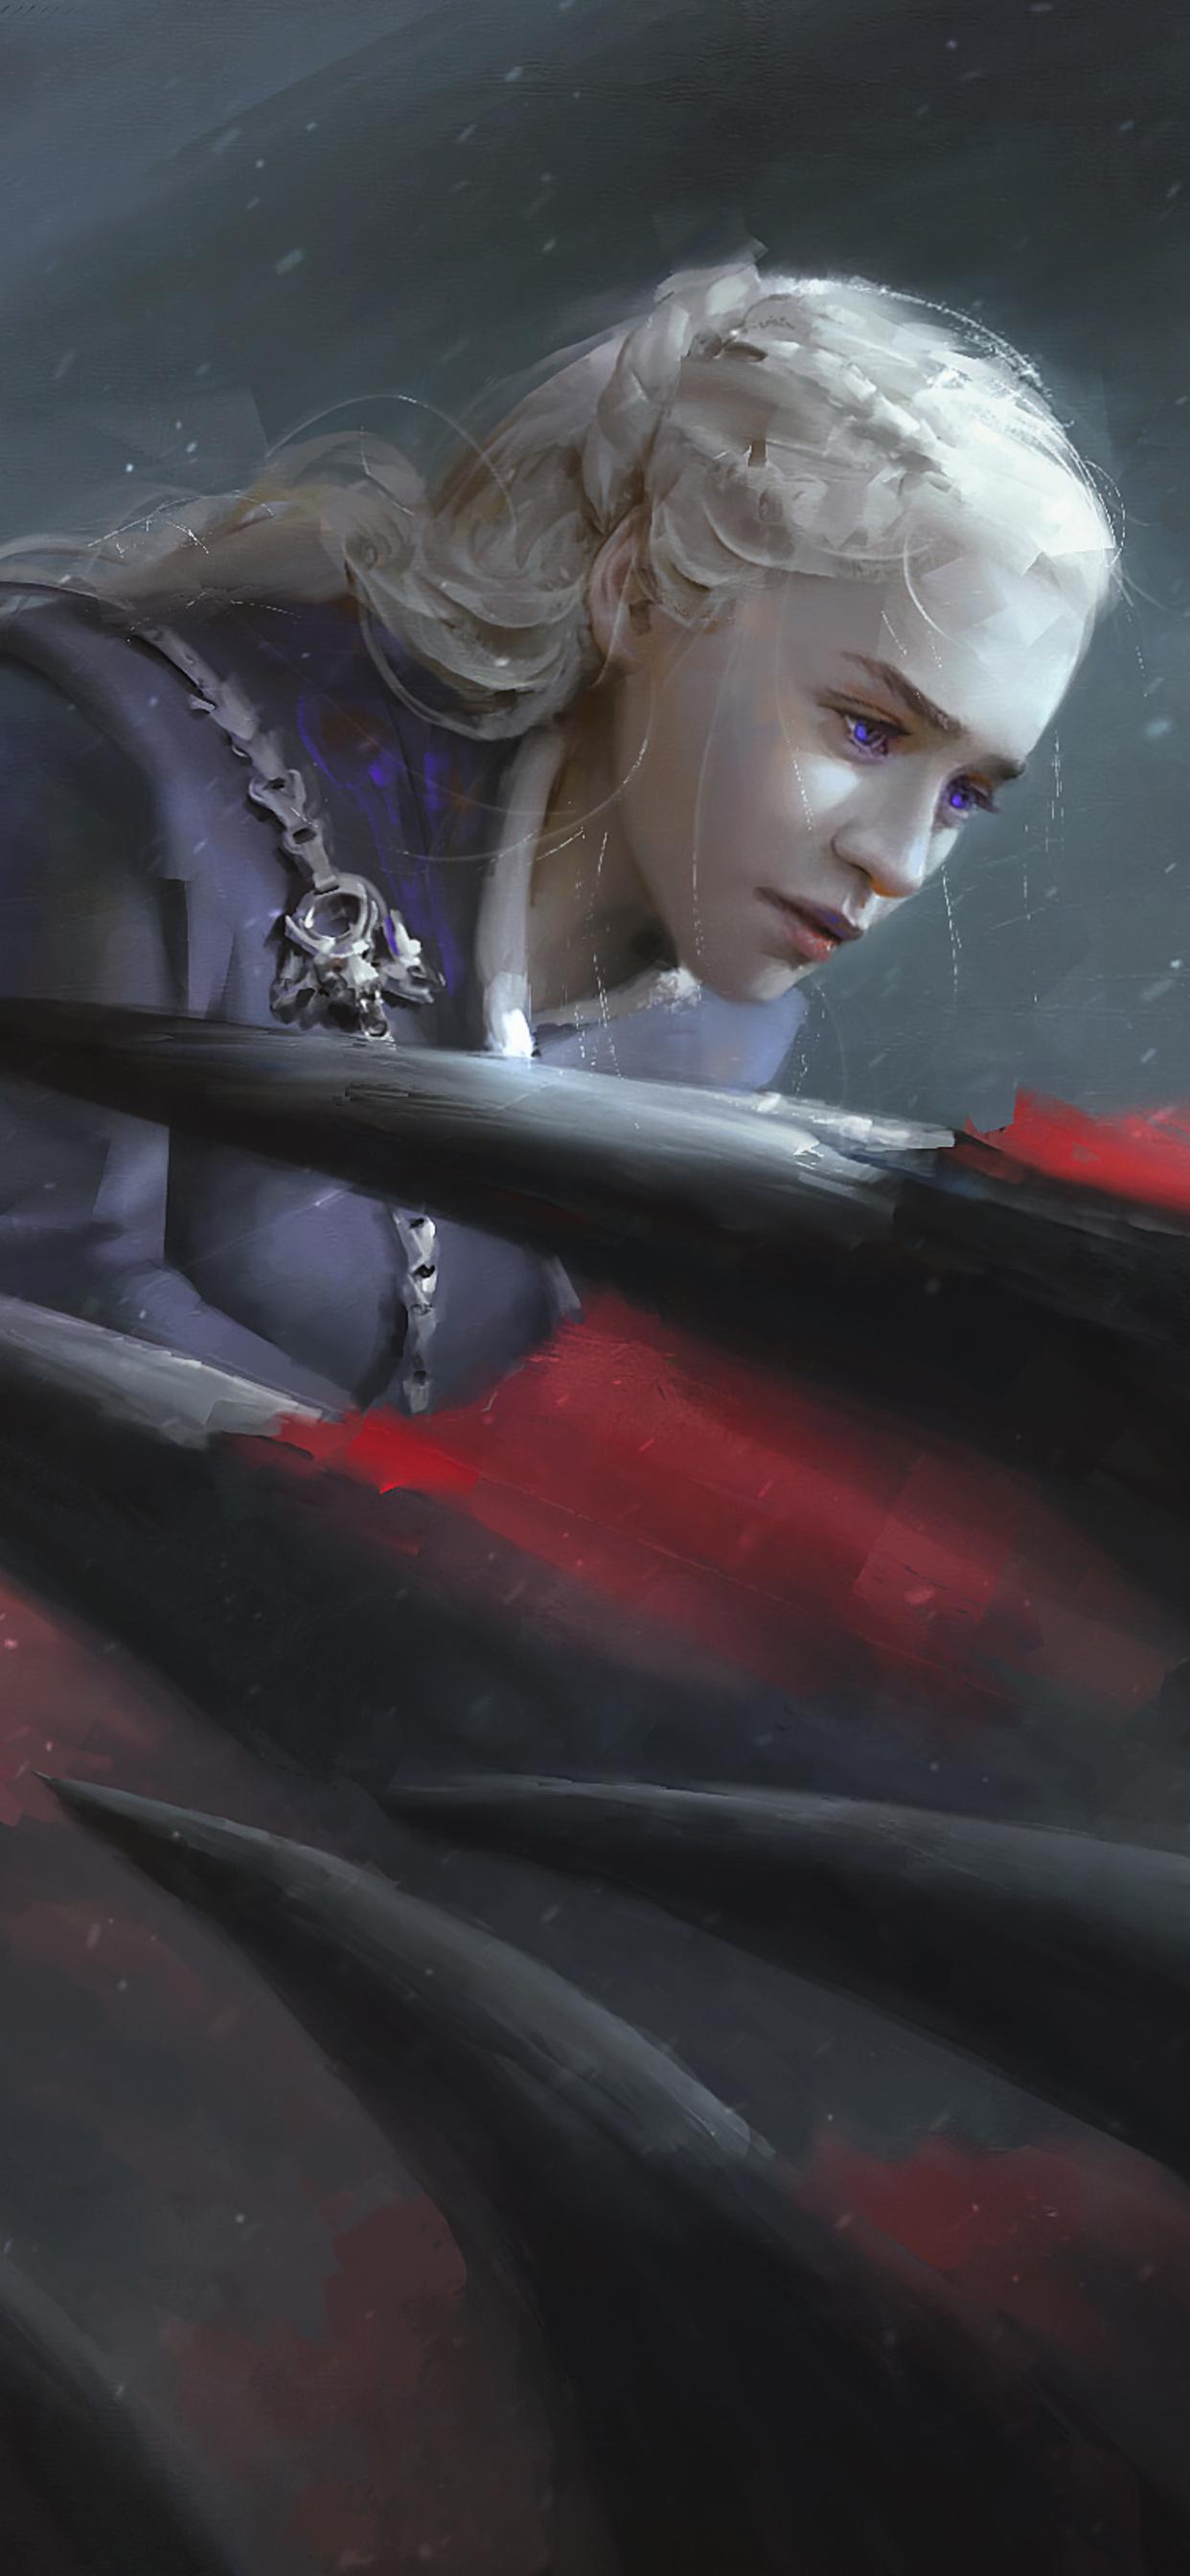 1242x2688 Daenerys Targaryen Game Of Thrones Dragon Artwork